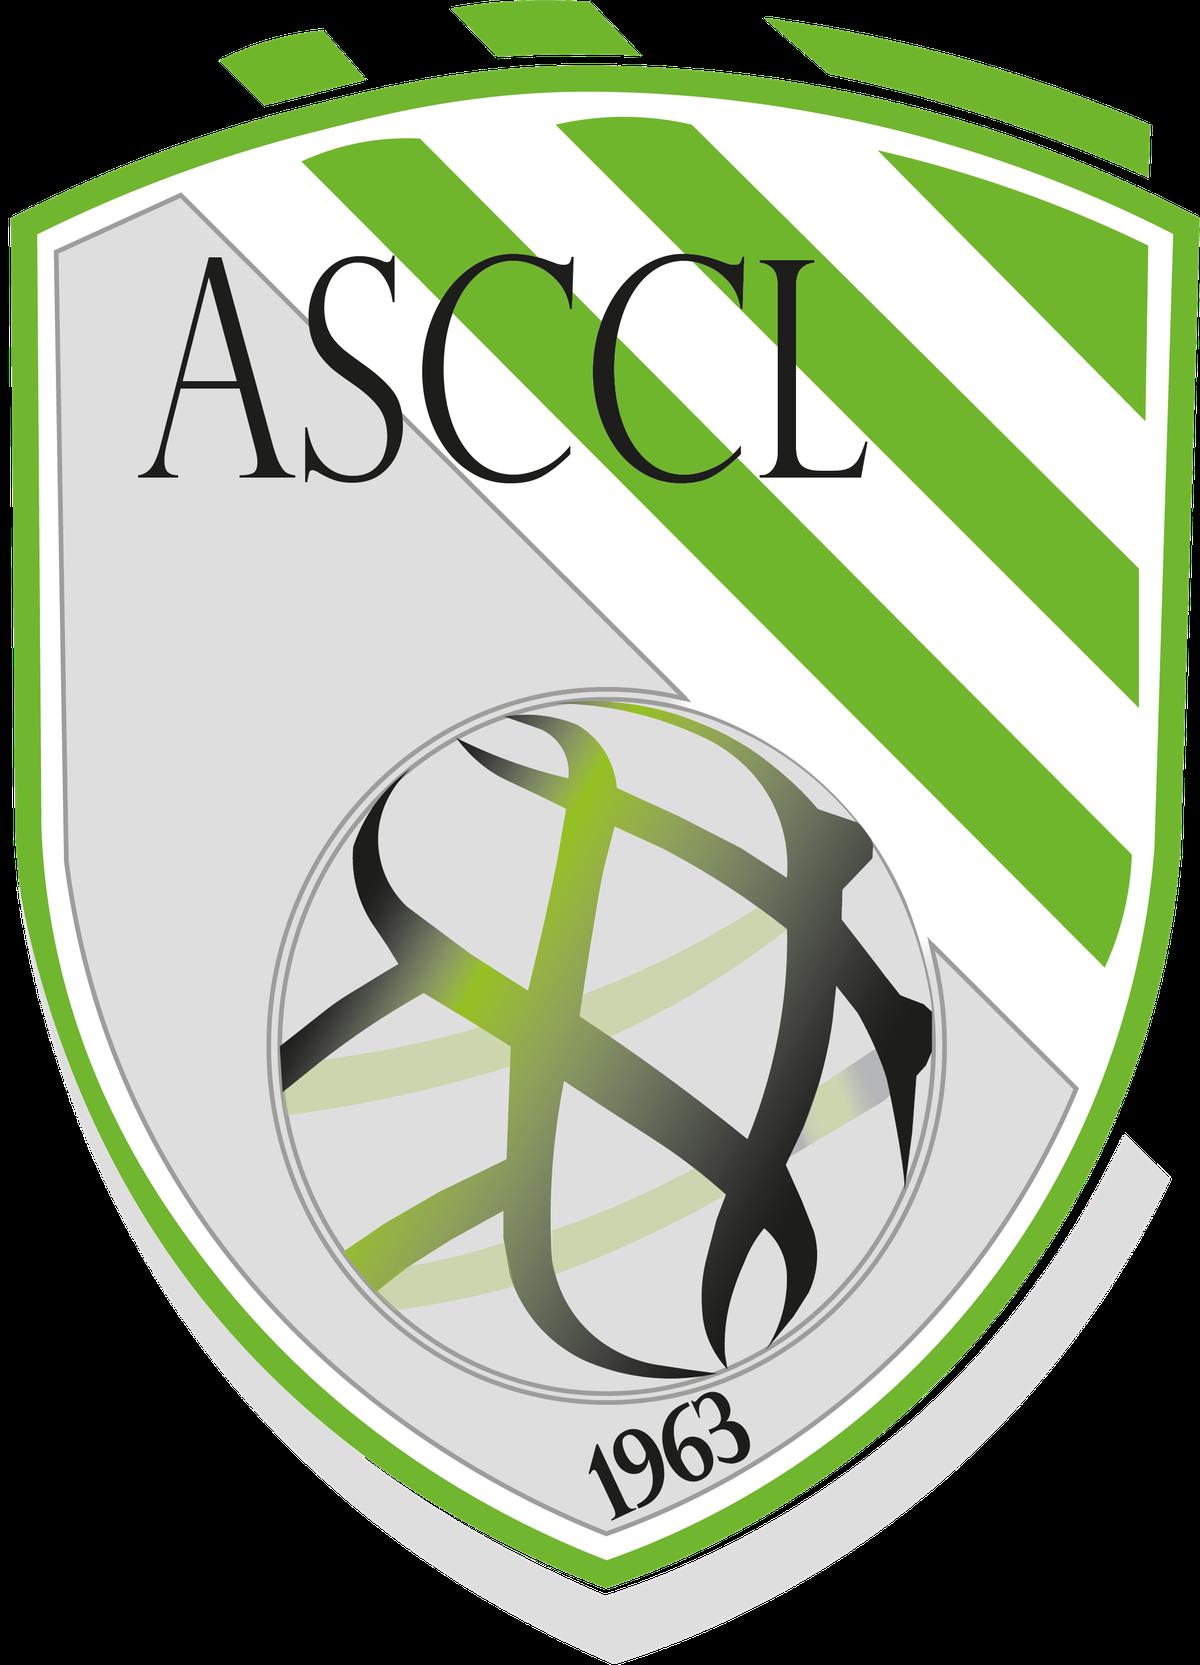 logo du club Association sportive Cahuzac Castillonnès Lalandusse